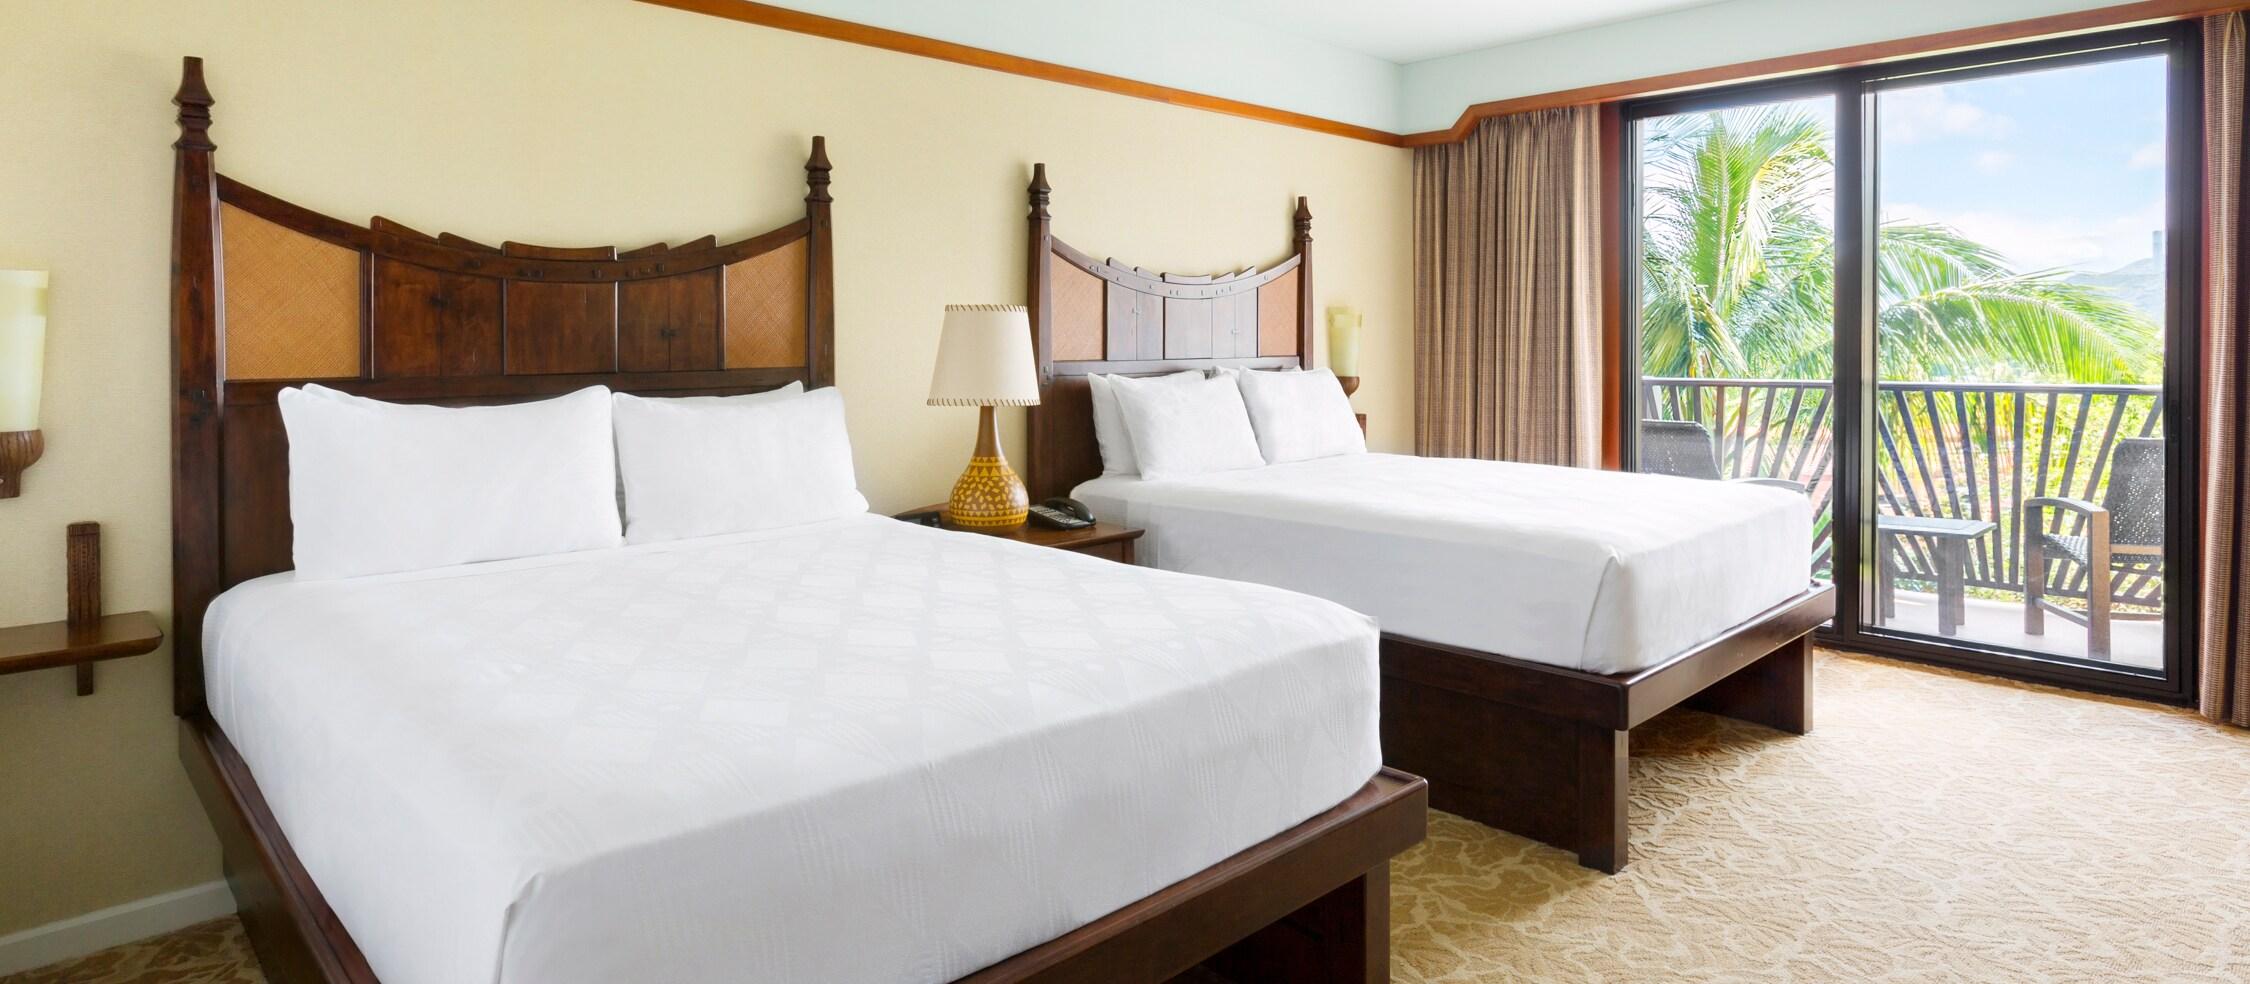 2 台のクイーンサイズのベッドが置かれたアウラニのスタンダードルーム